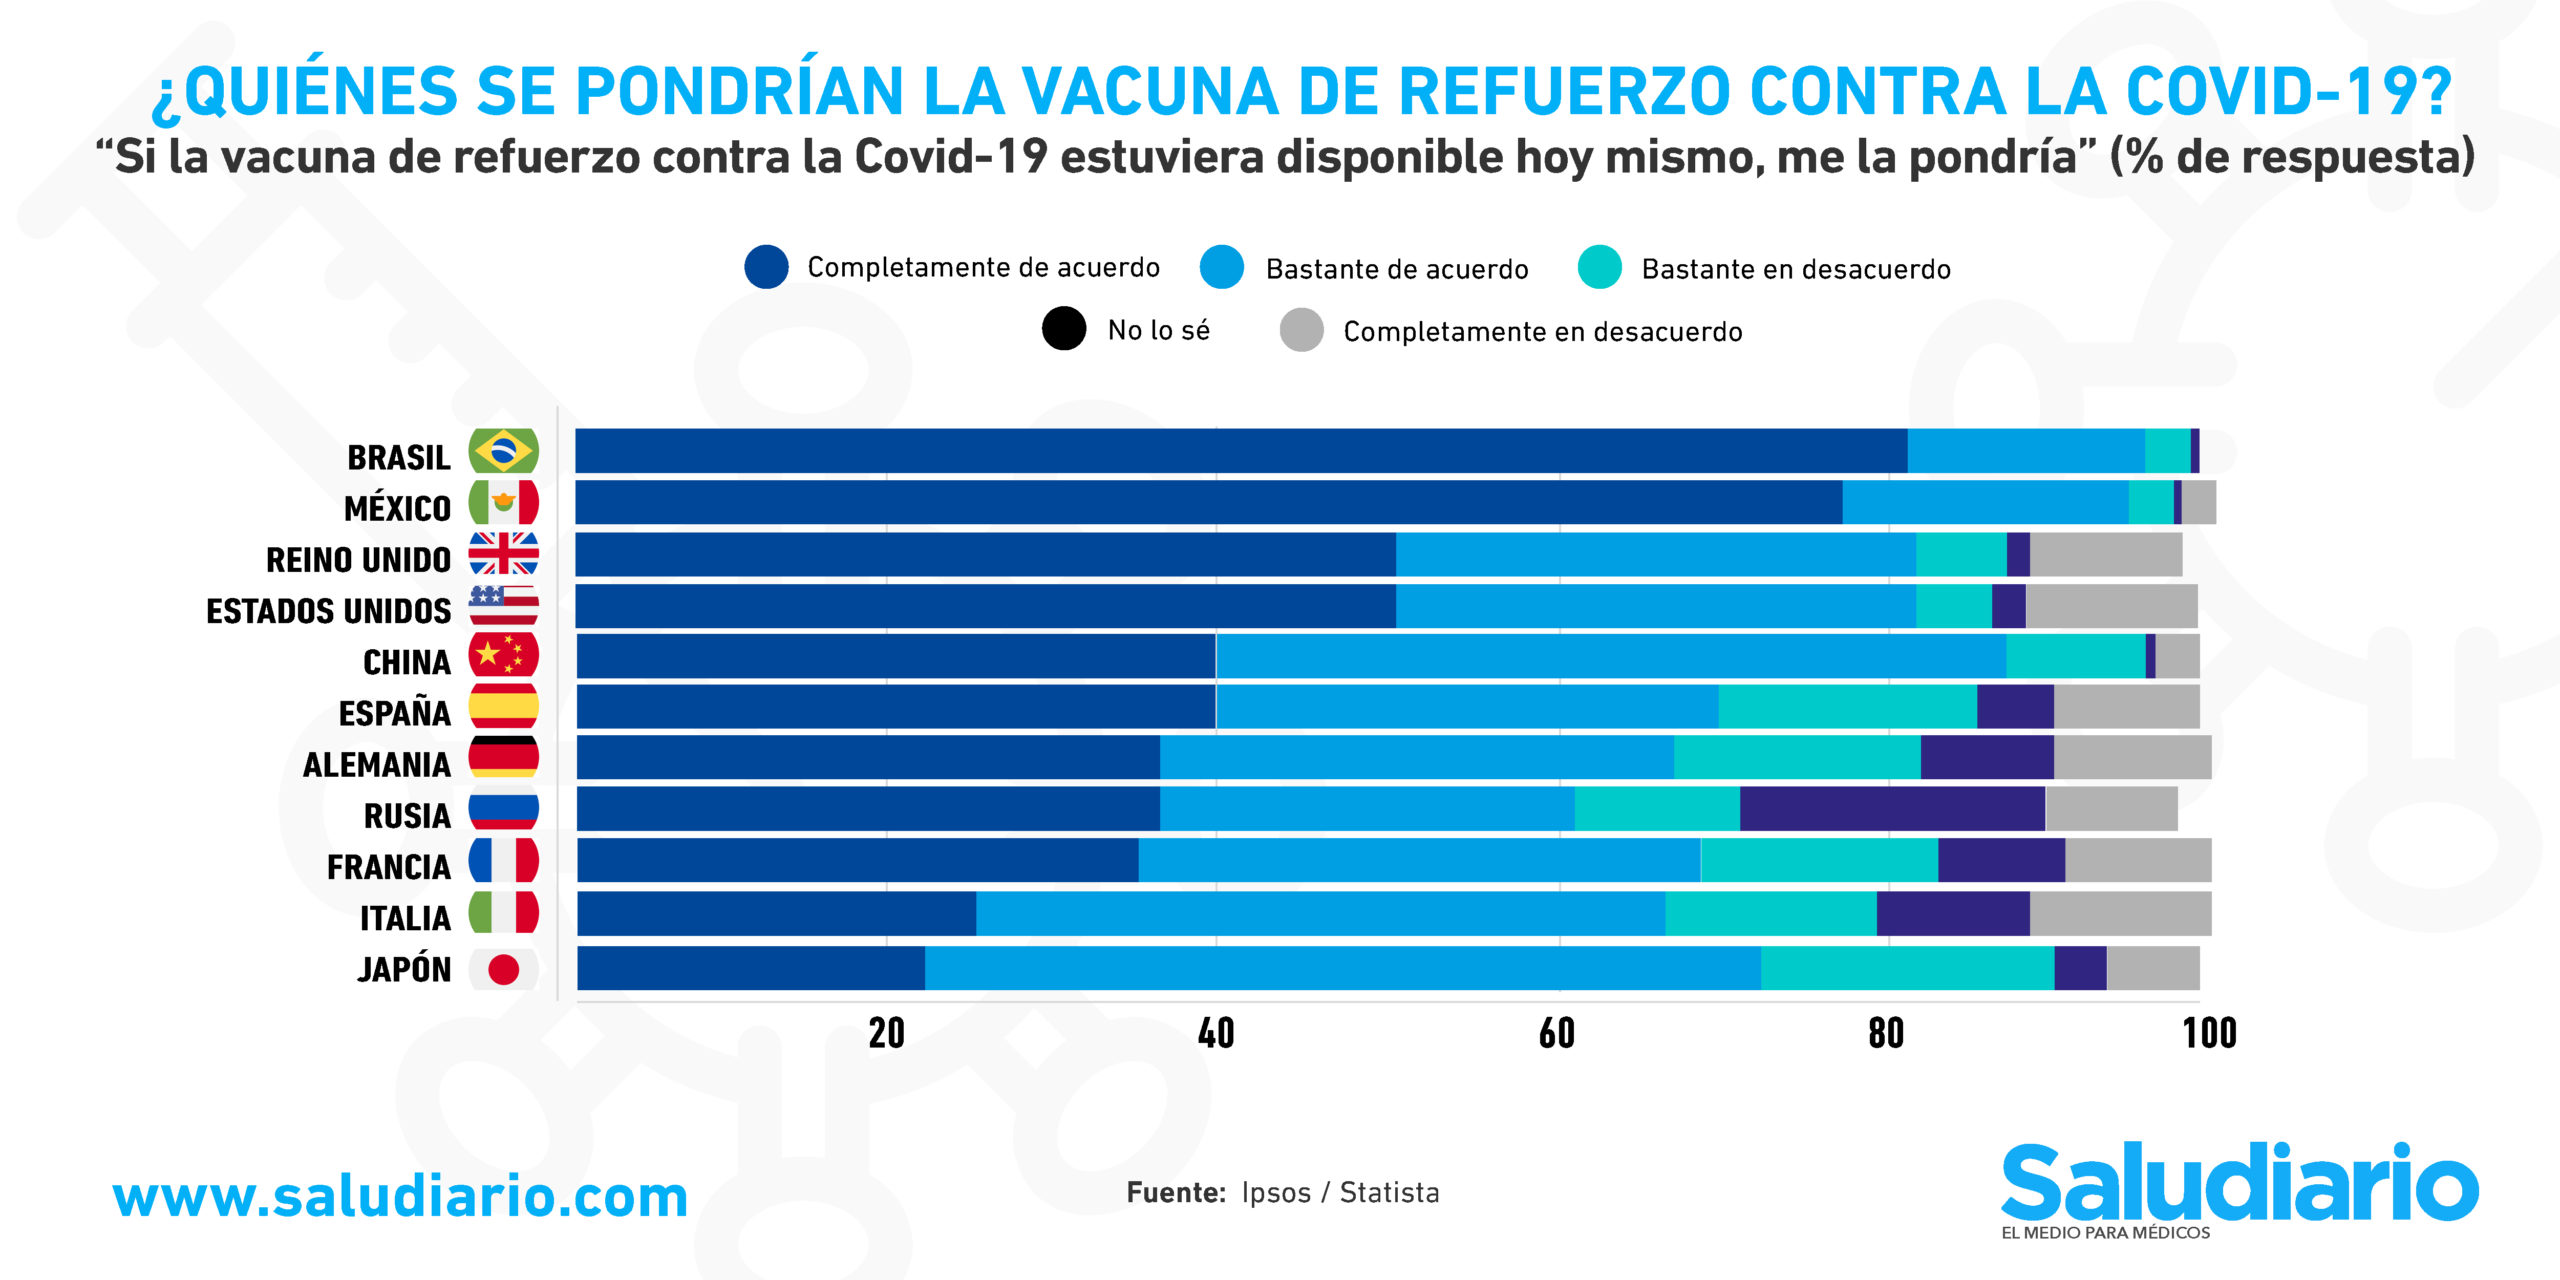 GRÁFICA Países con más personas que apoyan la dosis de refuerzo contra la Covid-19